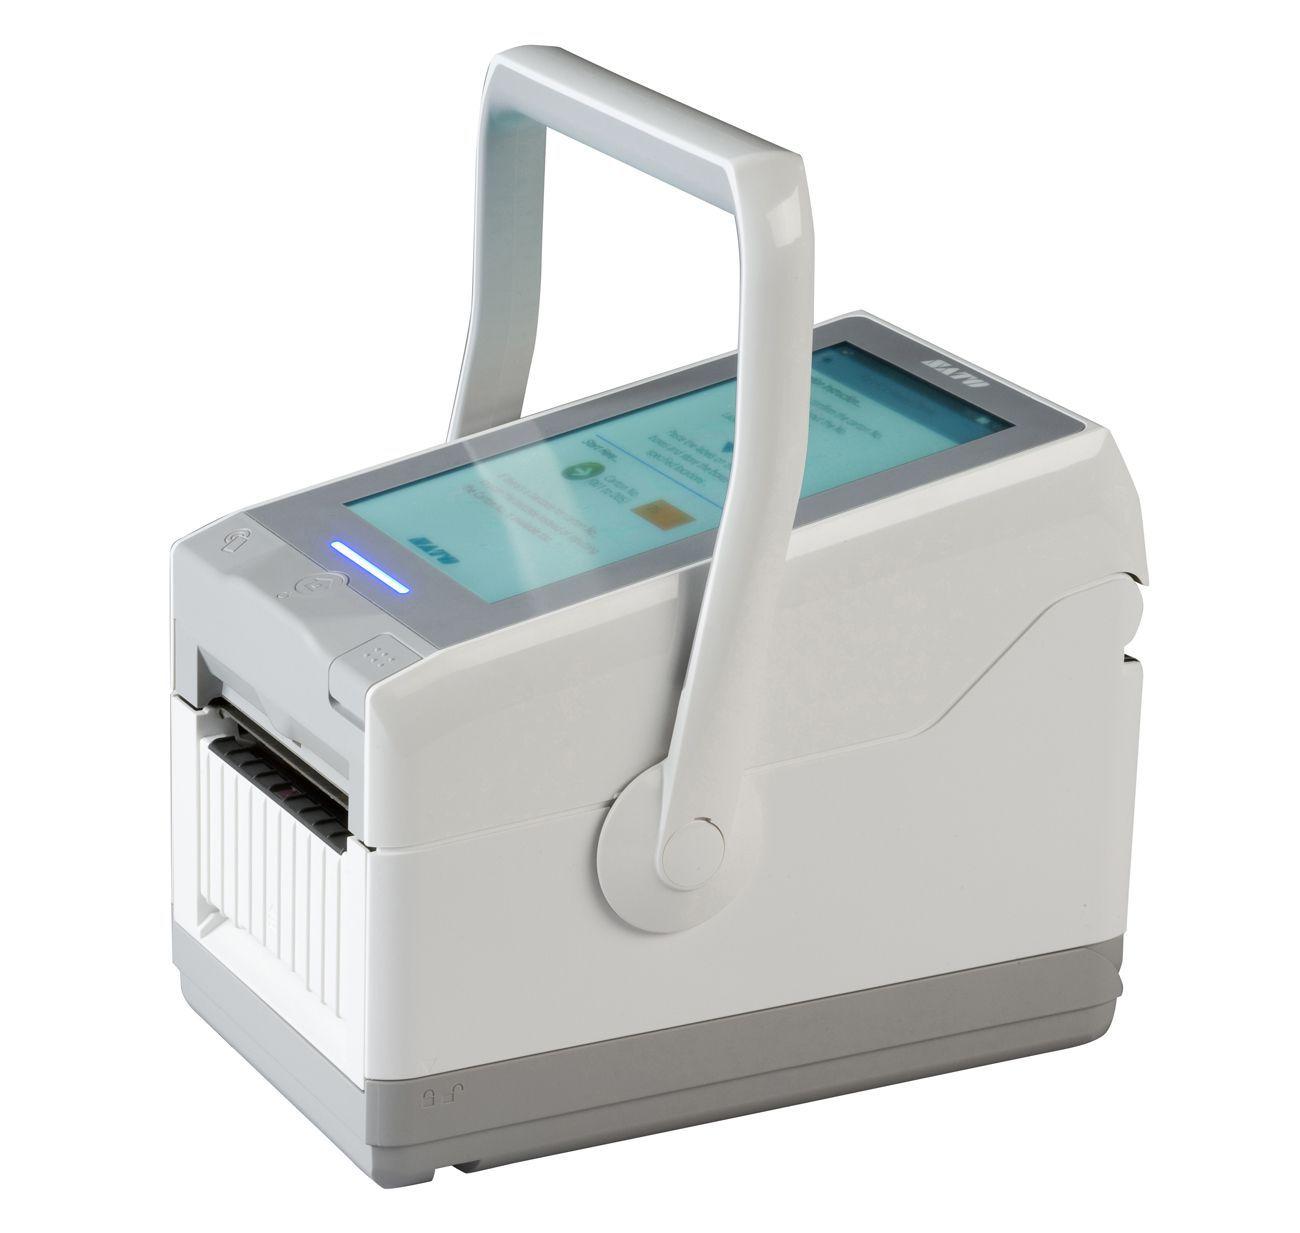 imprimante etiquette sato FX3LX autonome